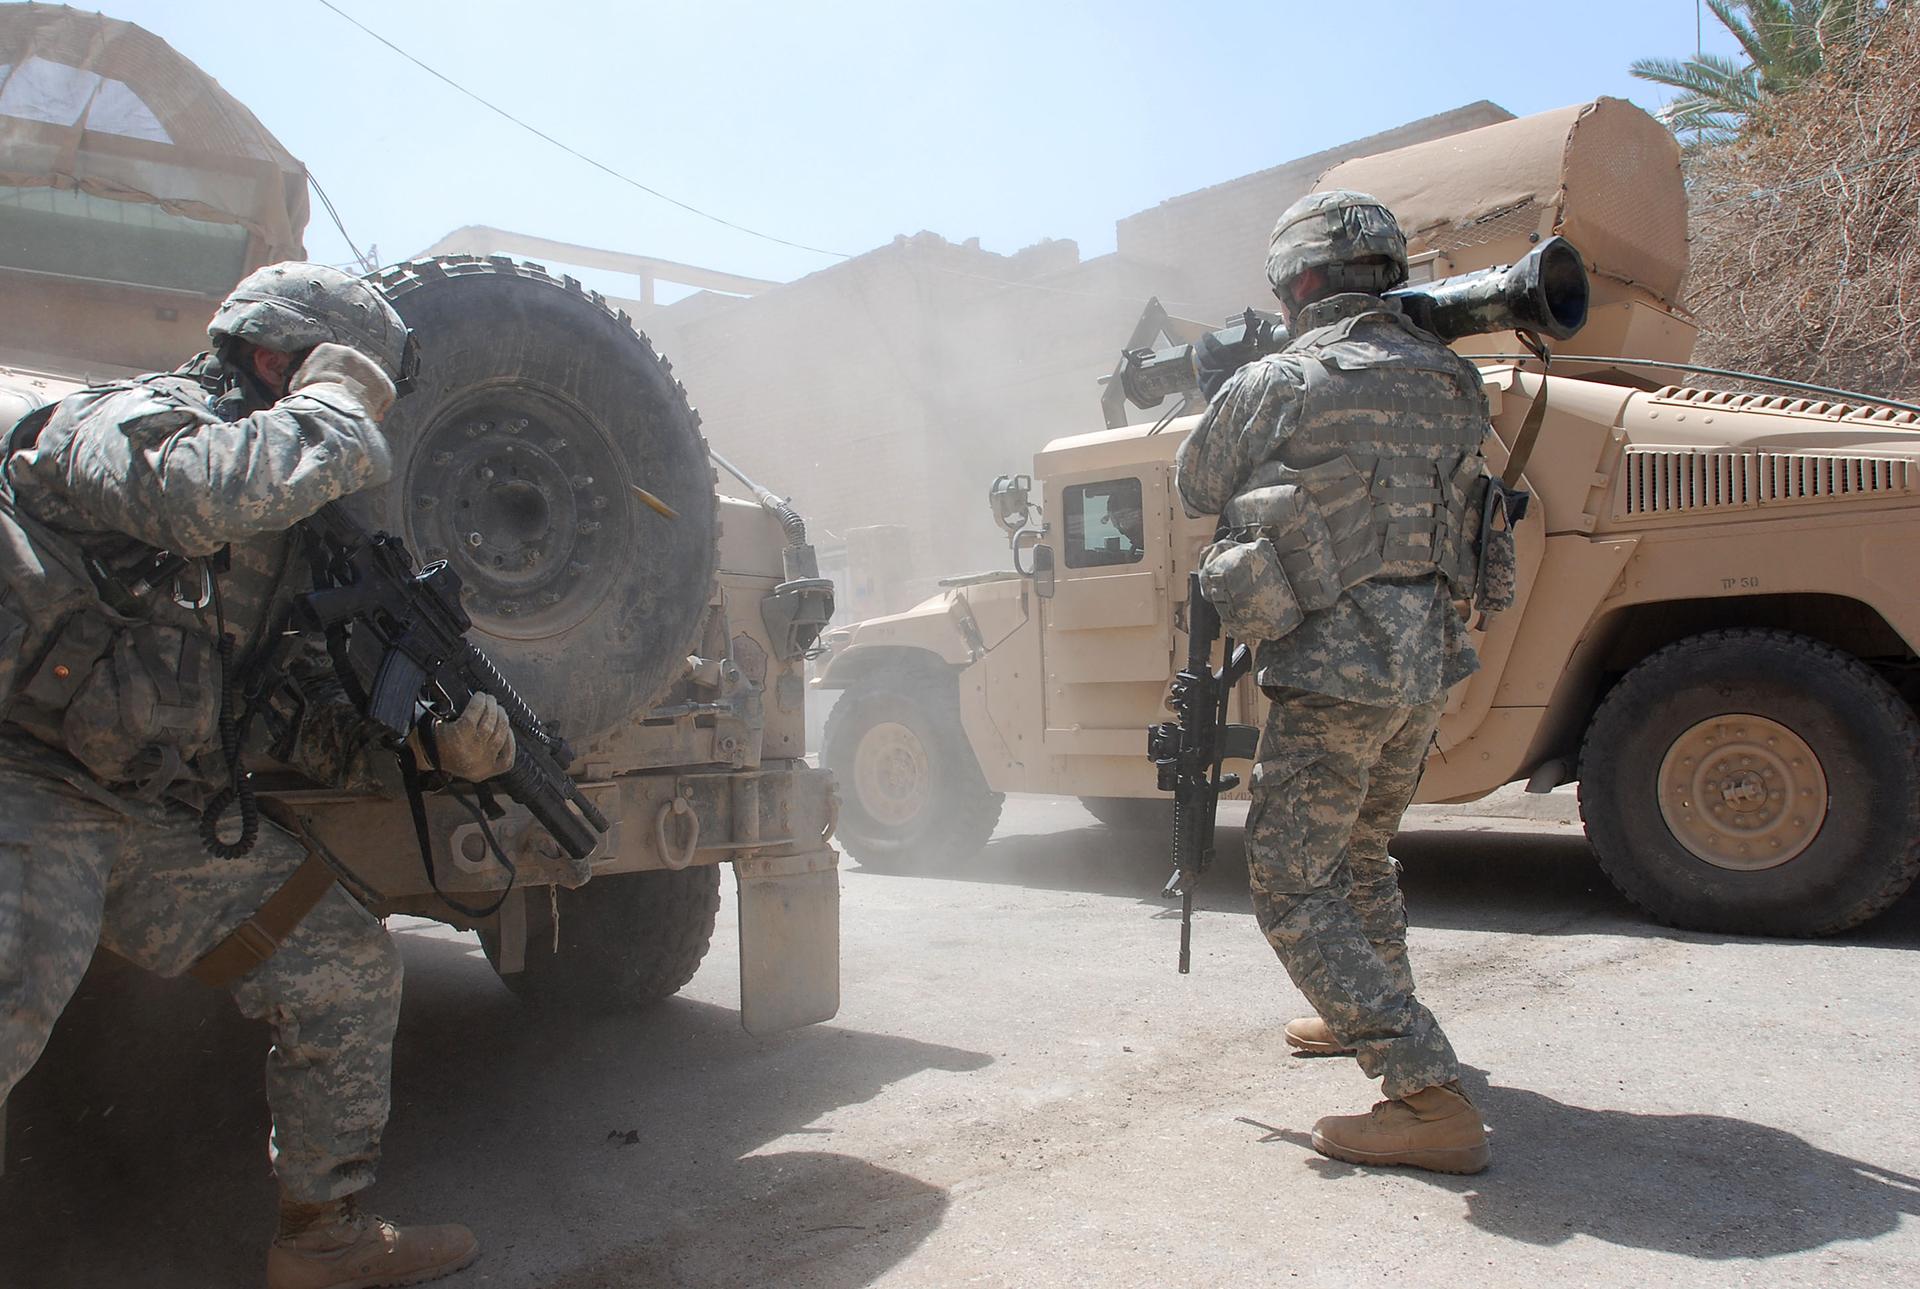 Zdjęcie przedstawia starcie wojska zterrorystami. Słoneczny letni dzień wrejonie Bliskiego Wschodu. Na pierwszym planie dwaj żołnierze. Żołnierze wyposażeni wkarabiny maszynowe iwyrzutnie. Żołnierz po lewej schowany za wozem pancernym. Żołnierz po prawej trzyma wyrzutnię na prawym ramieniu. Po prawej wóz pancerny.